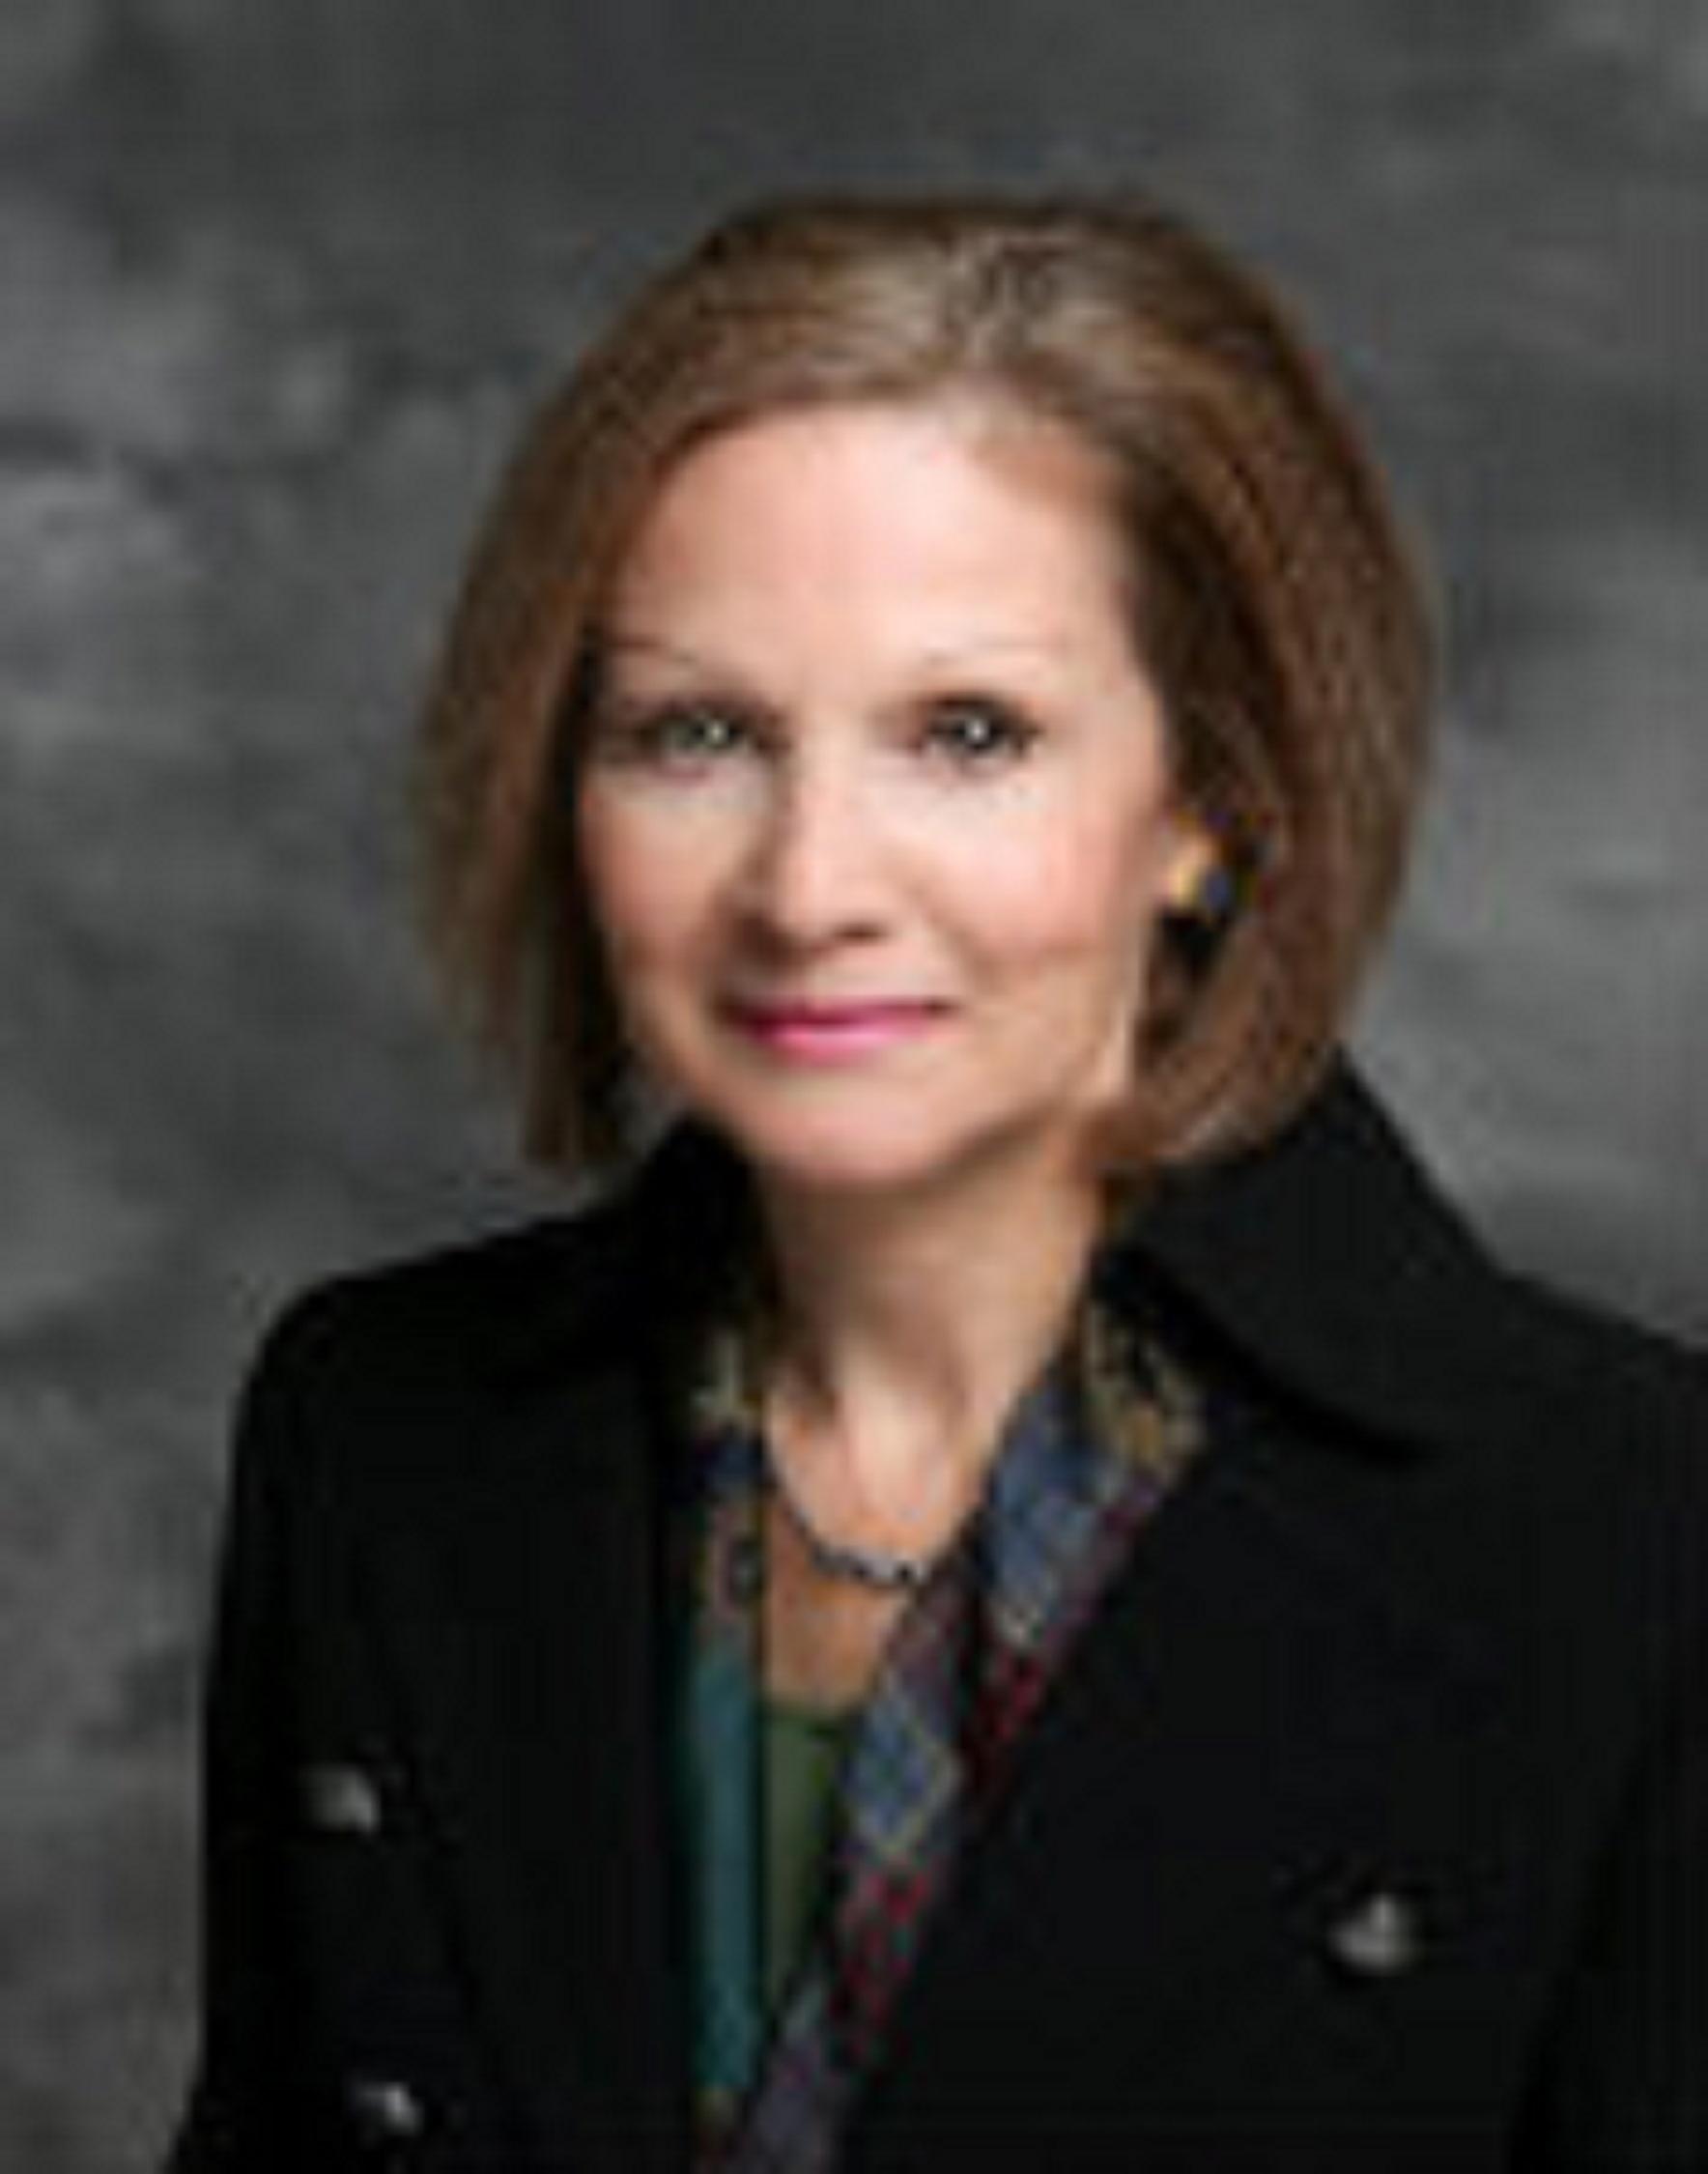 Gail Kritch